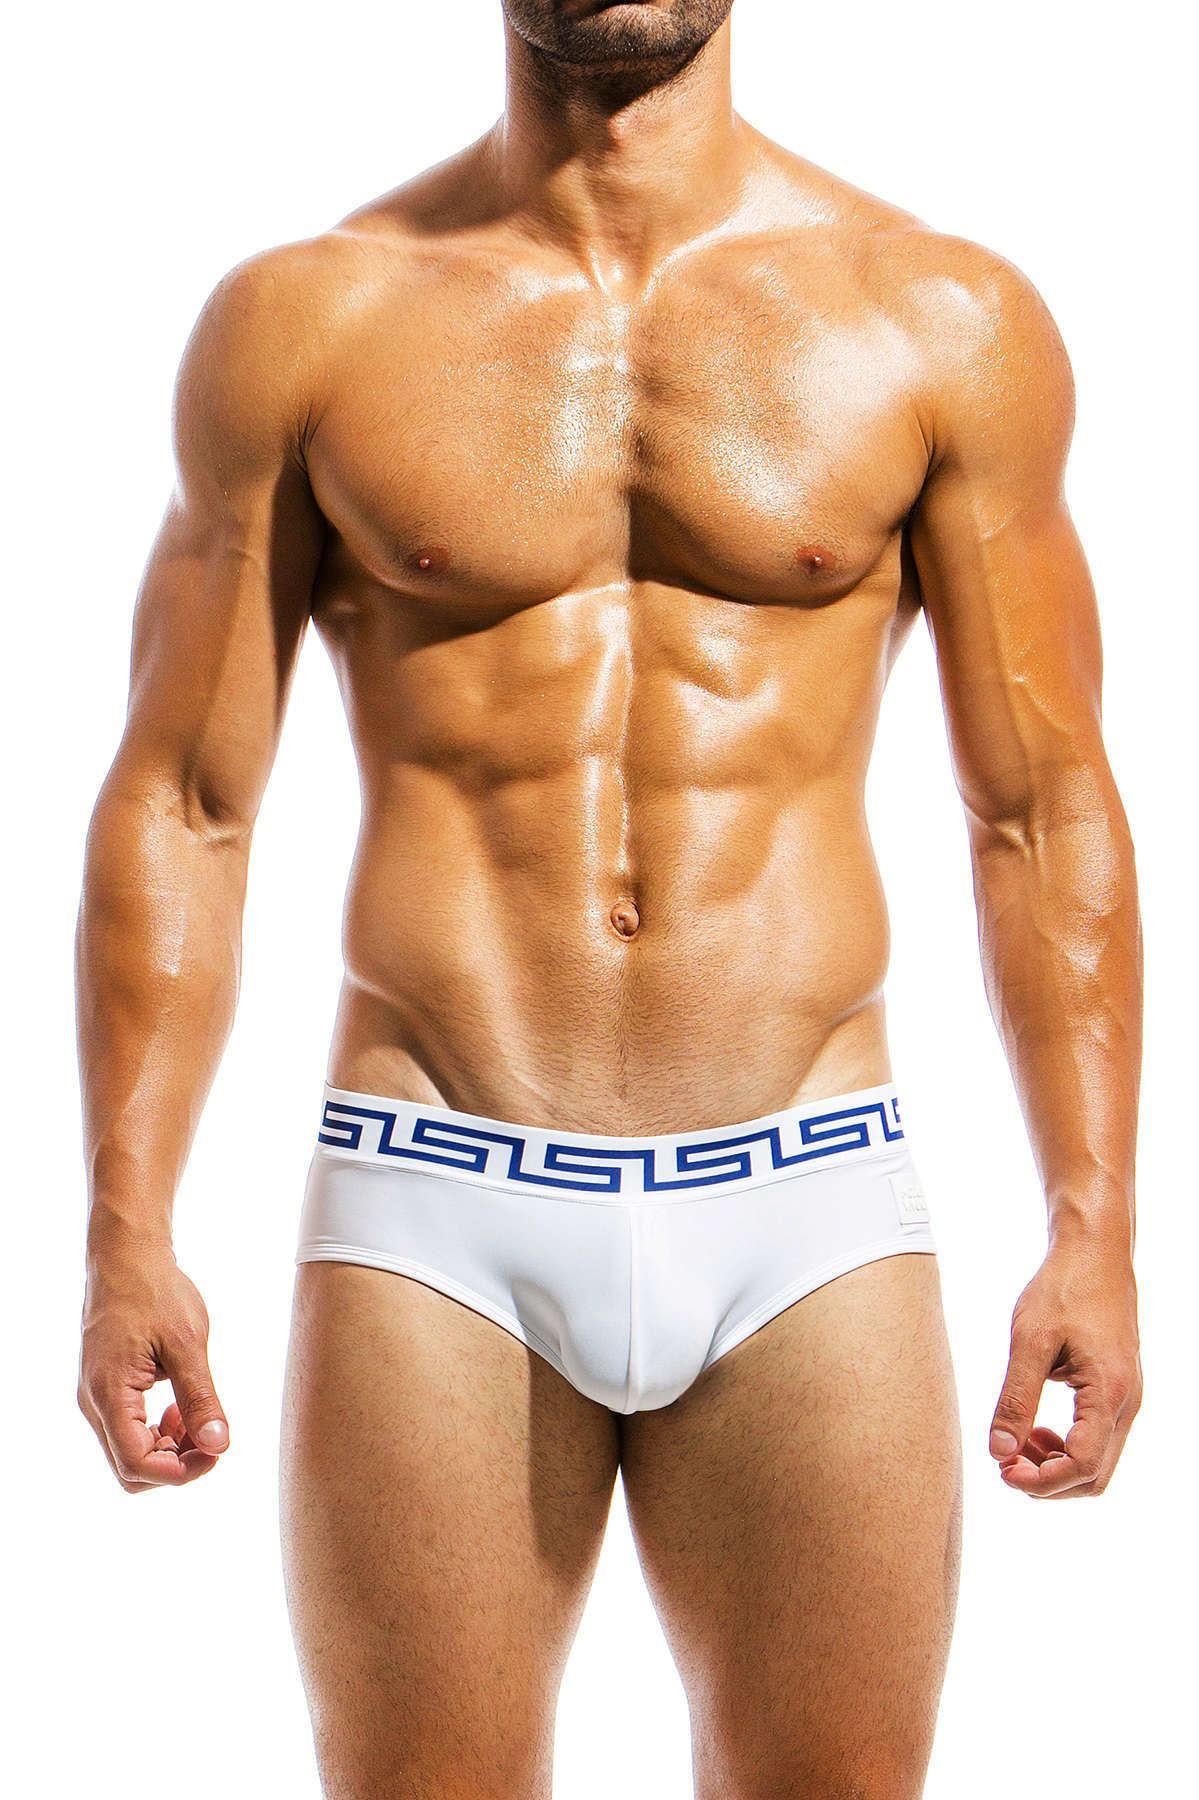 eb58da78544c3 Modus Vivendi Men's Meander Swim Brief Blue White Swimwear | eBay